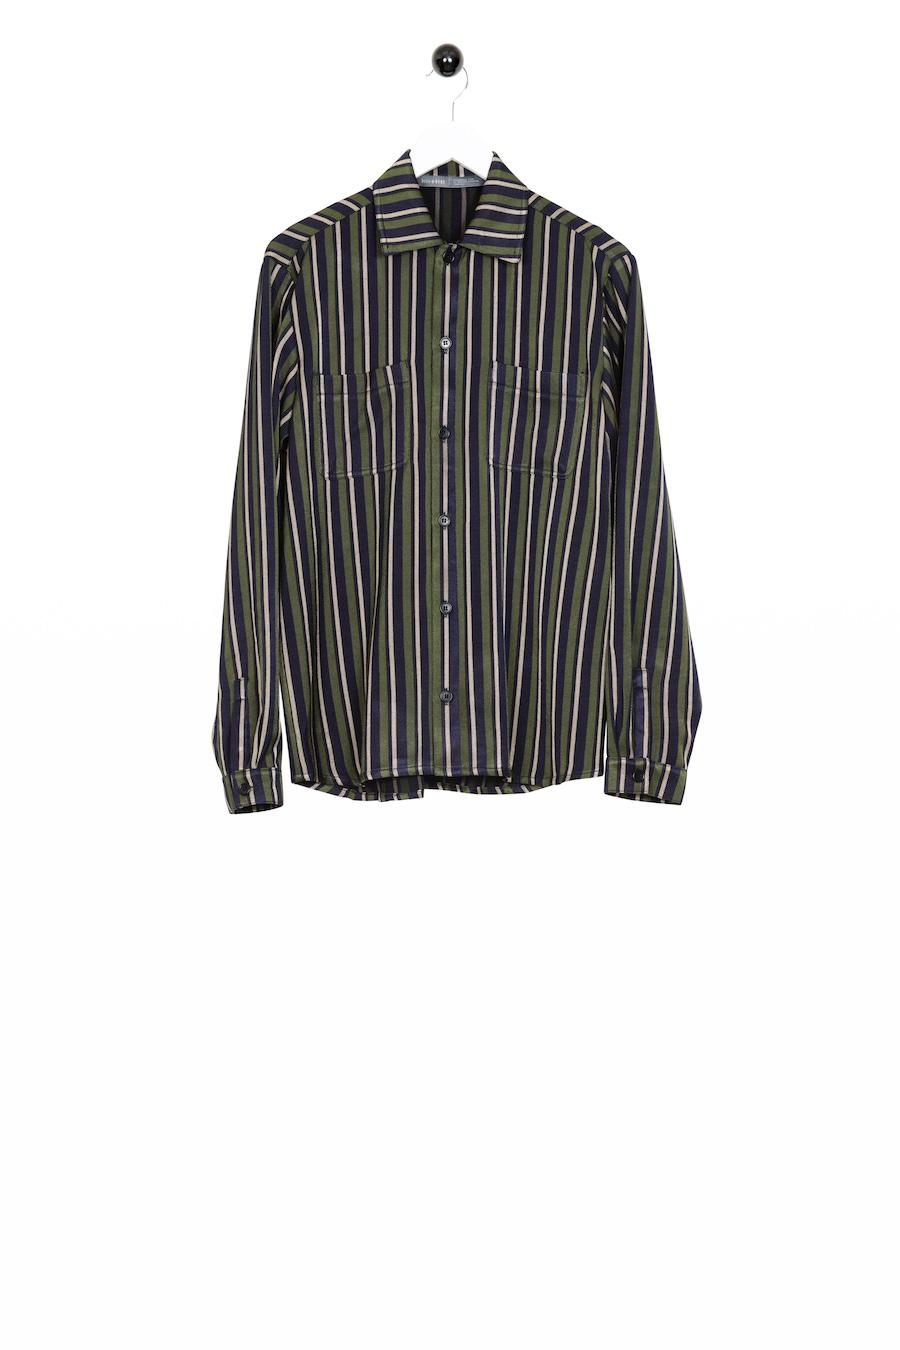 Ellister Shirt